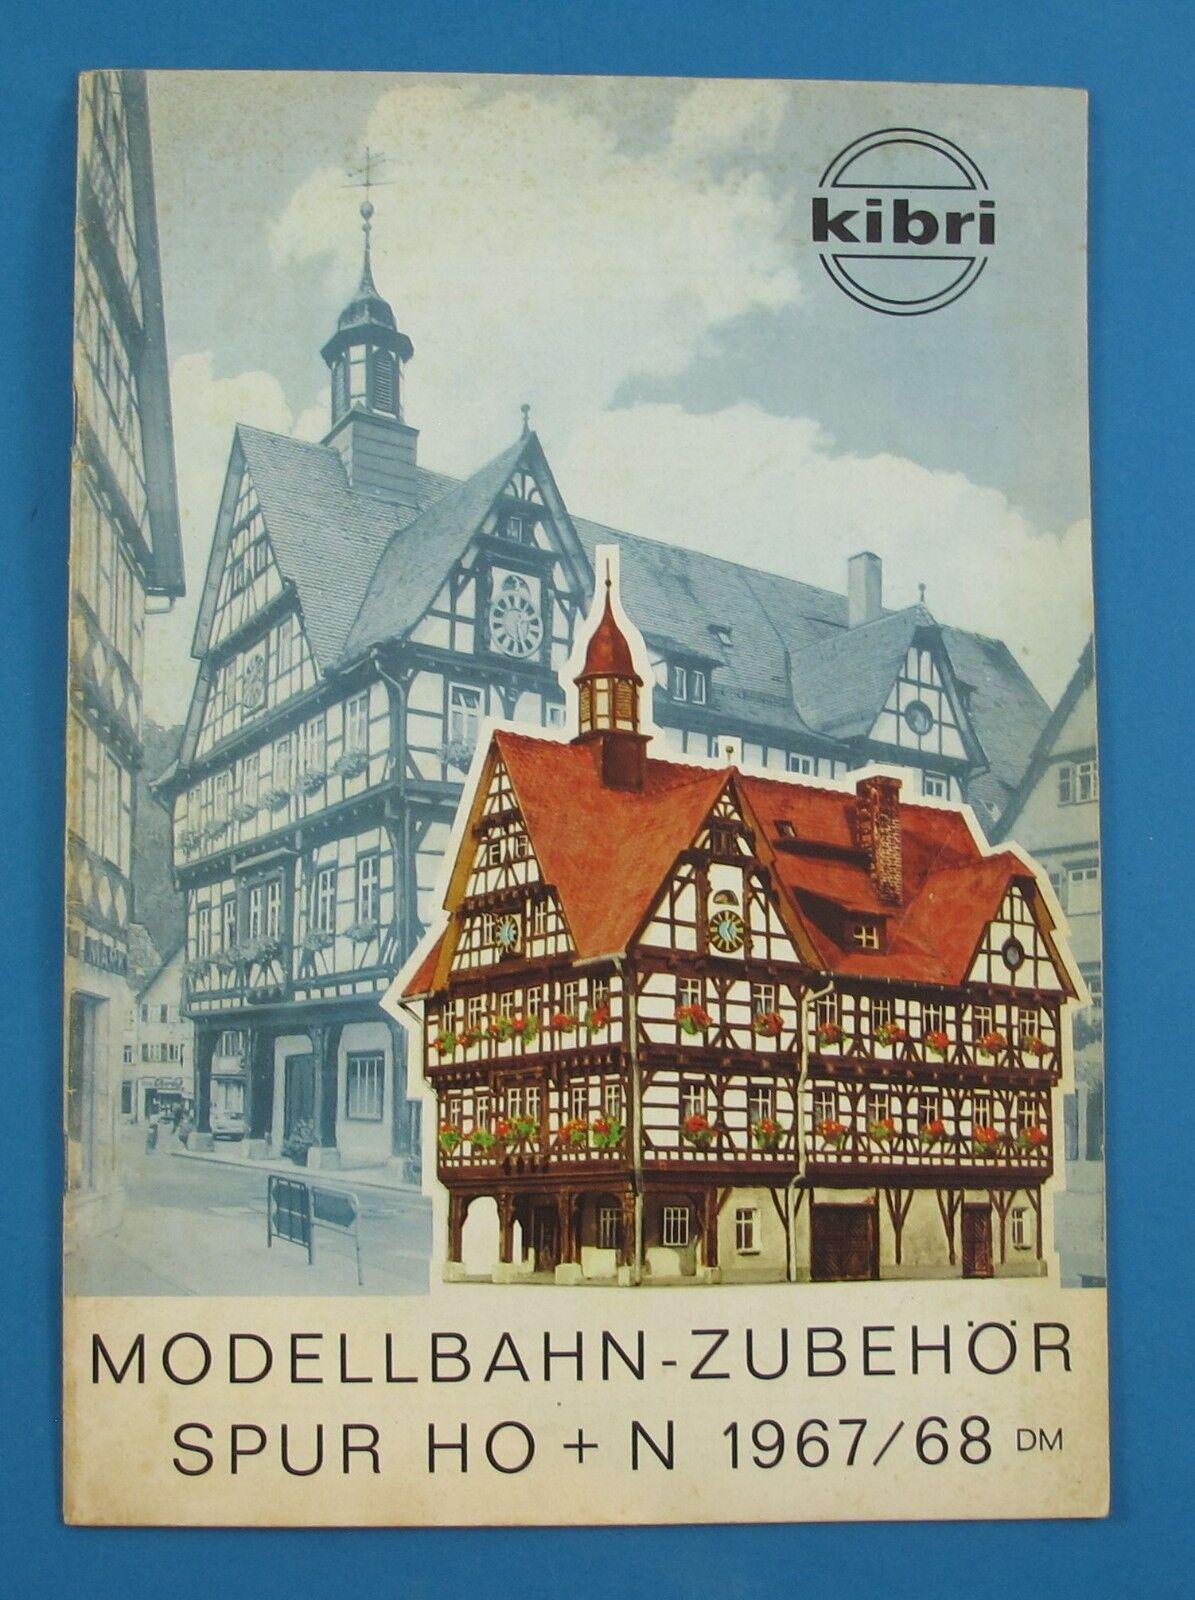 Kibri modelo ferroviario-accesorios pista h0 + n 1967 1967 1967 68 catálogo  barato y de alta calidad